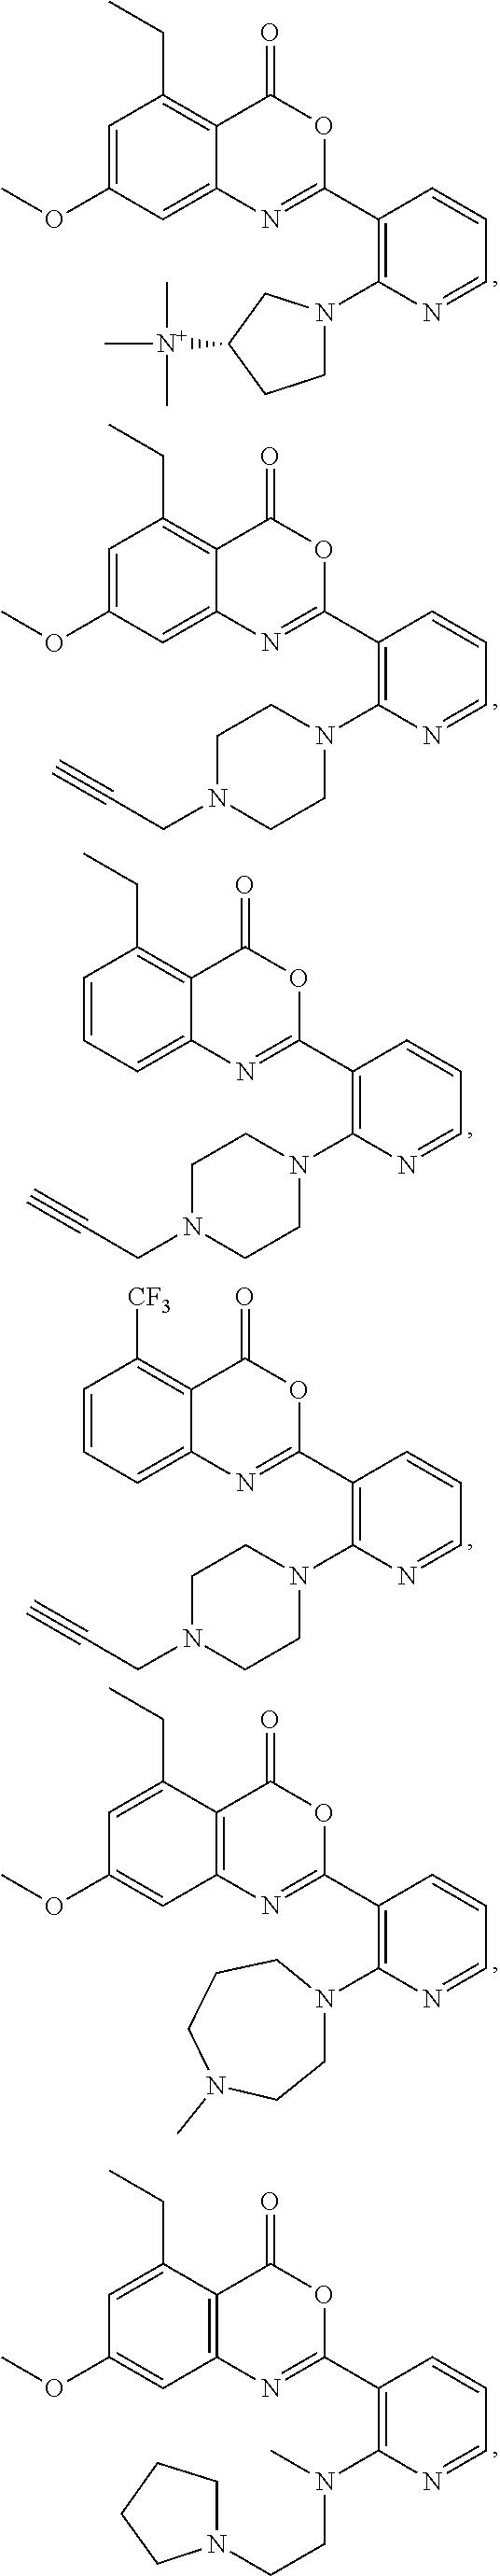 Figure US07879846-20110201-C00414